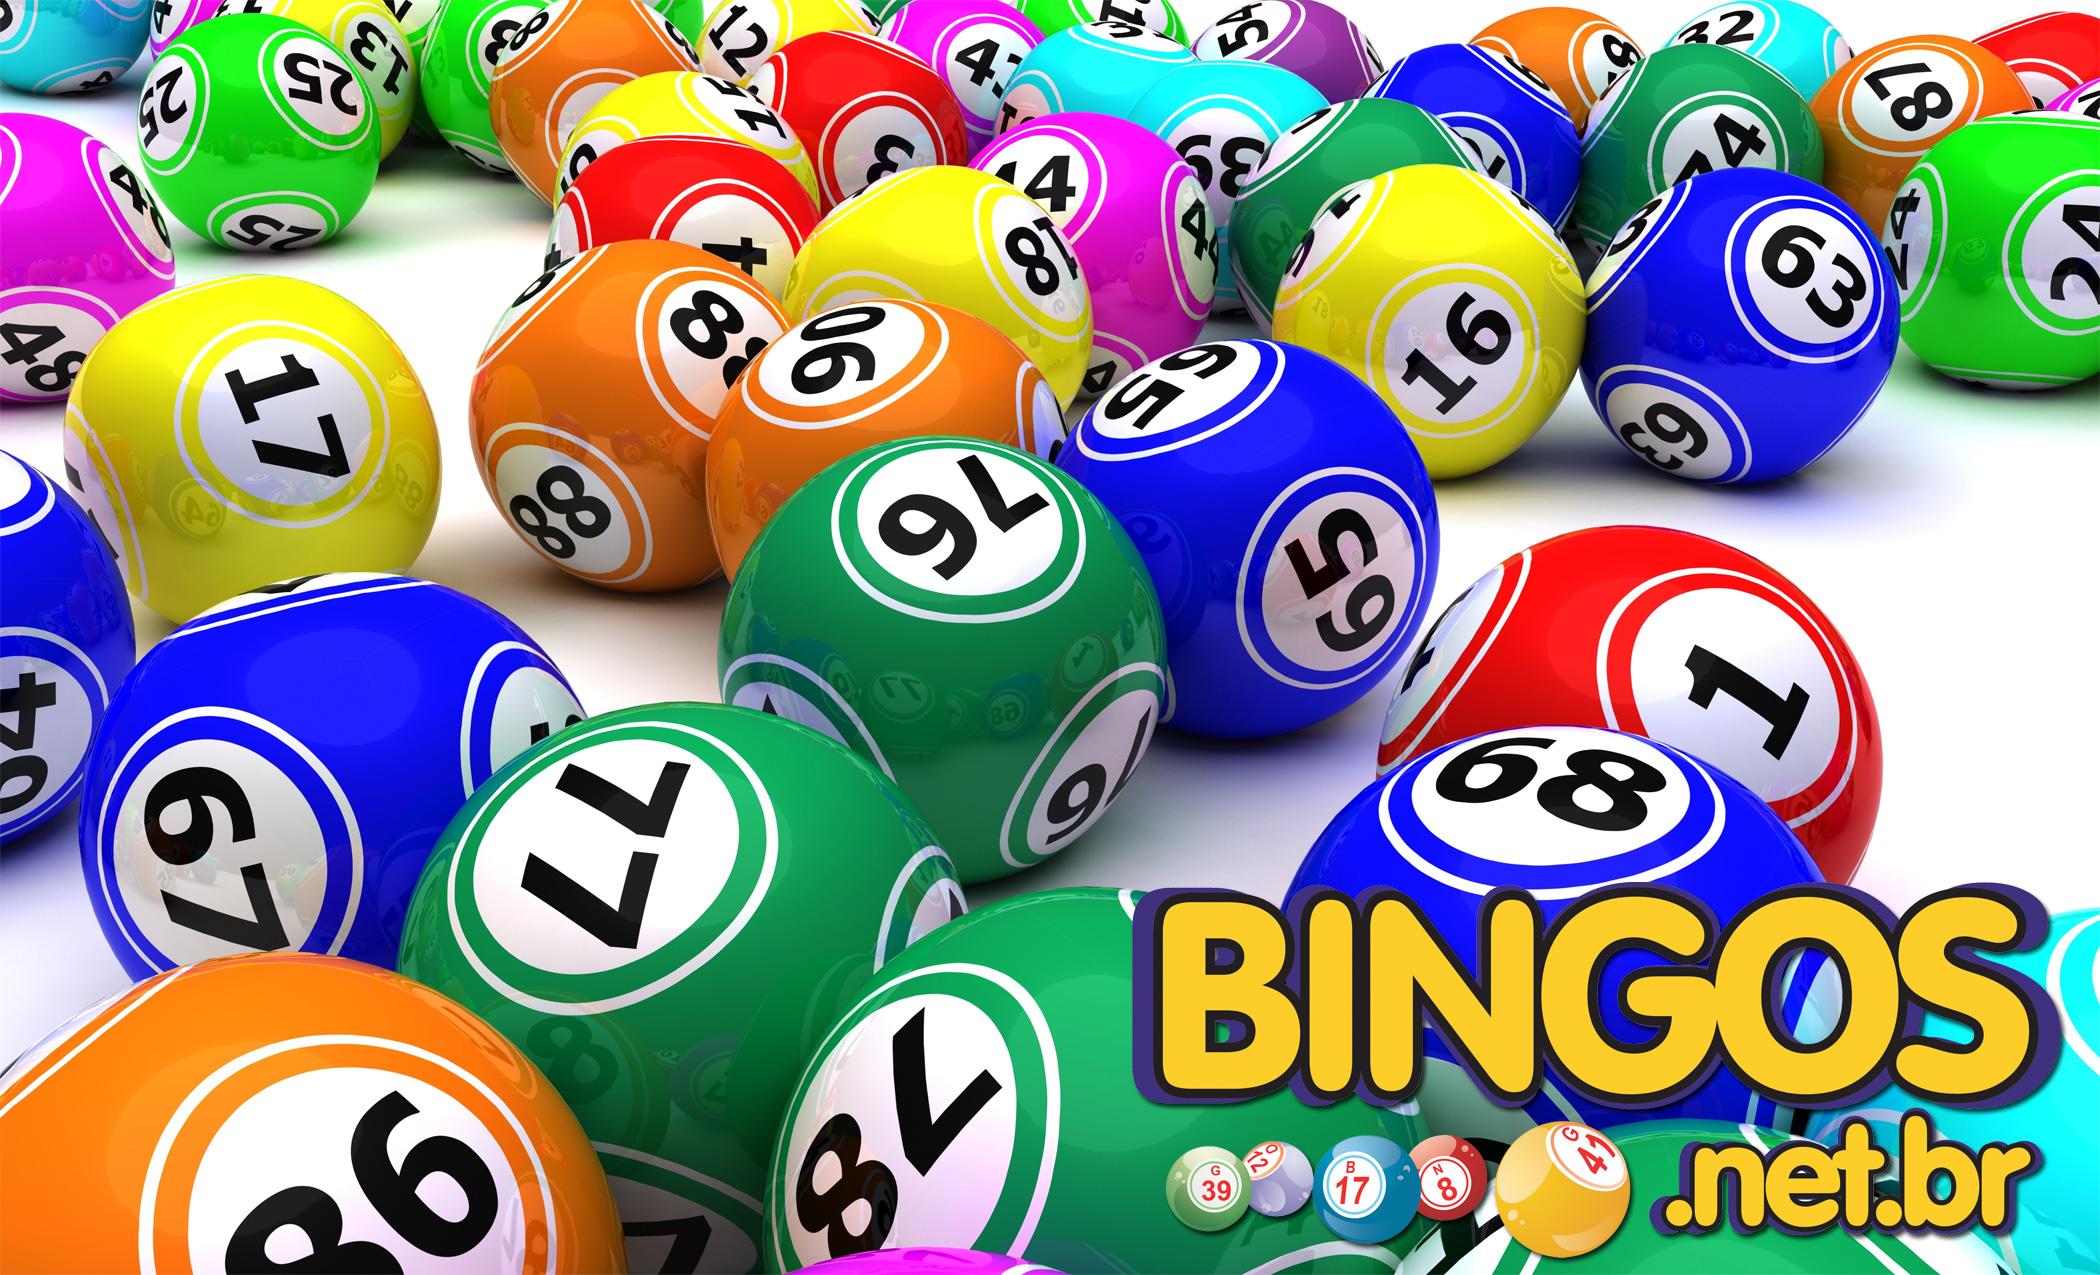 bingos gr tis online divirta se com os melhores jogos online de bingo gratuitos. Black Bedroom Furniture Sets. Home Design Ideas